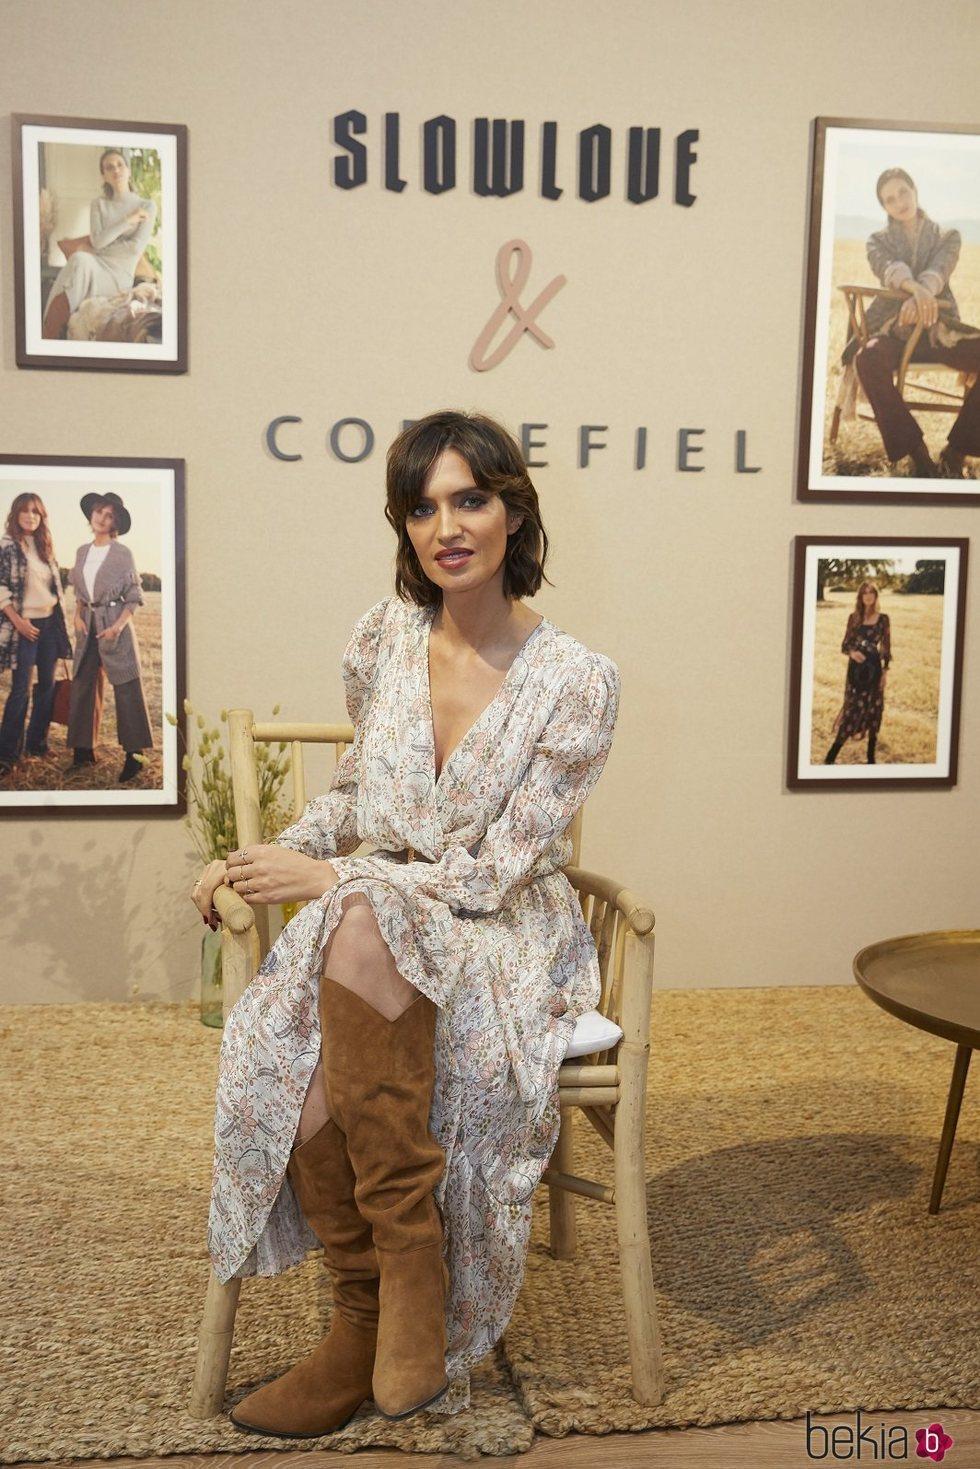 Sara Carbonero presentando la colección conjunta de Slow Love y Cortefiel